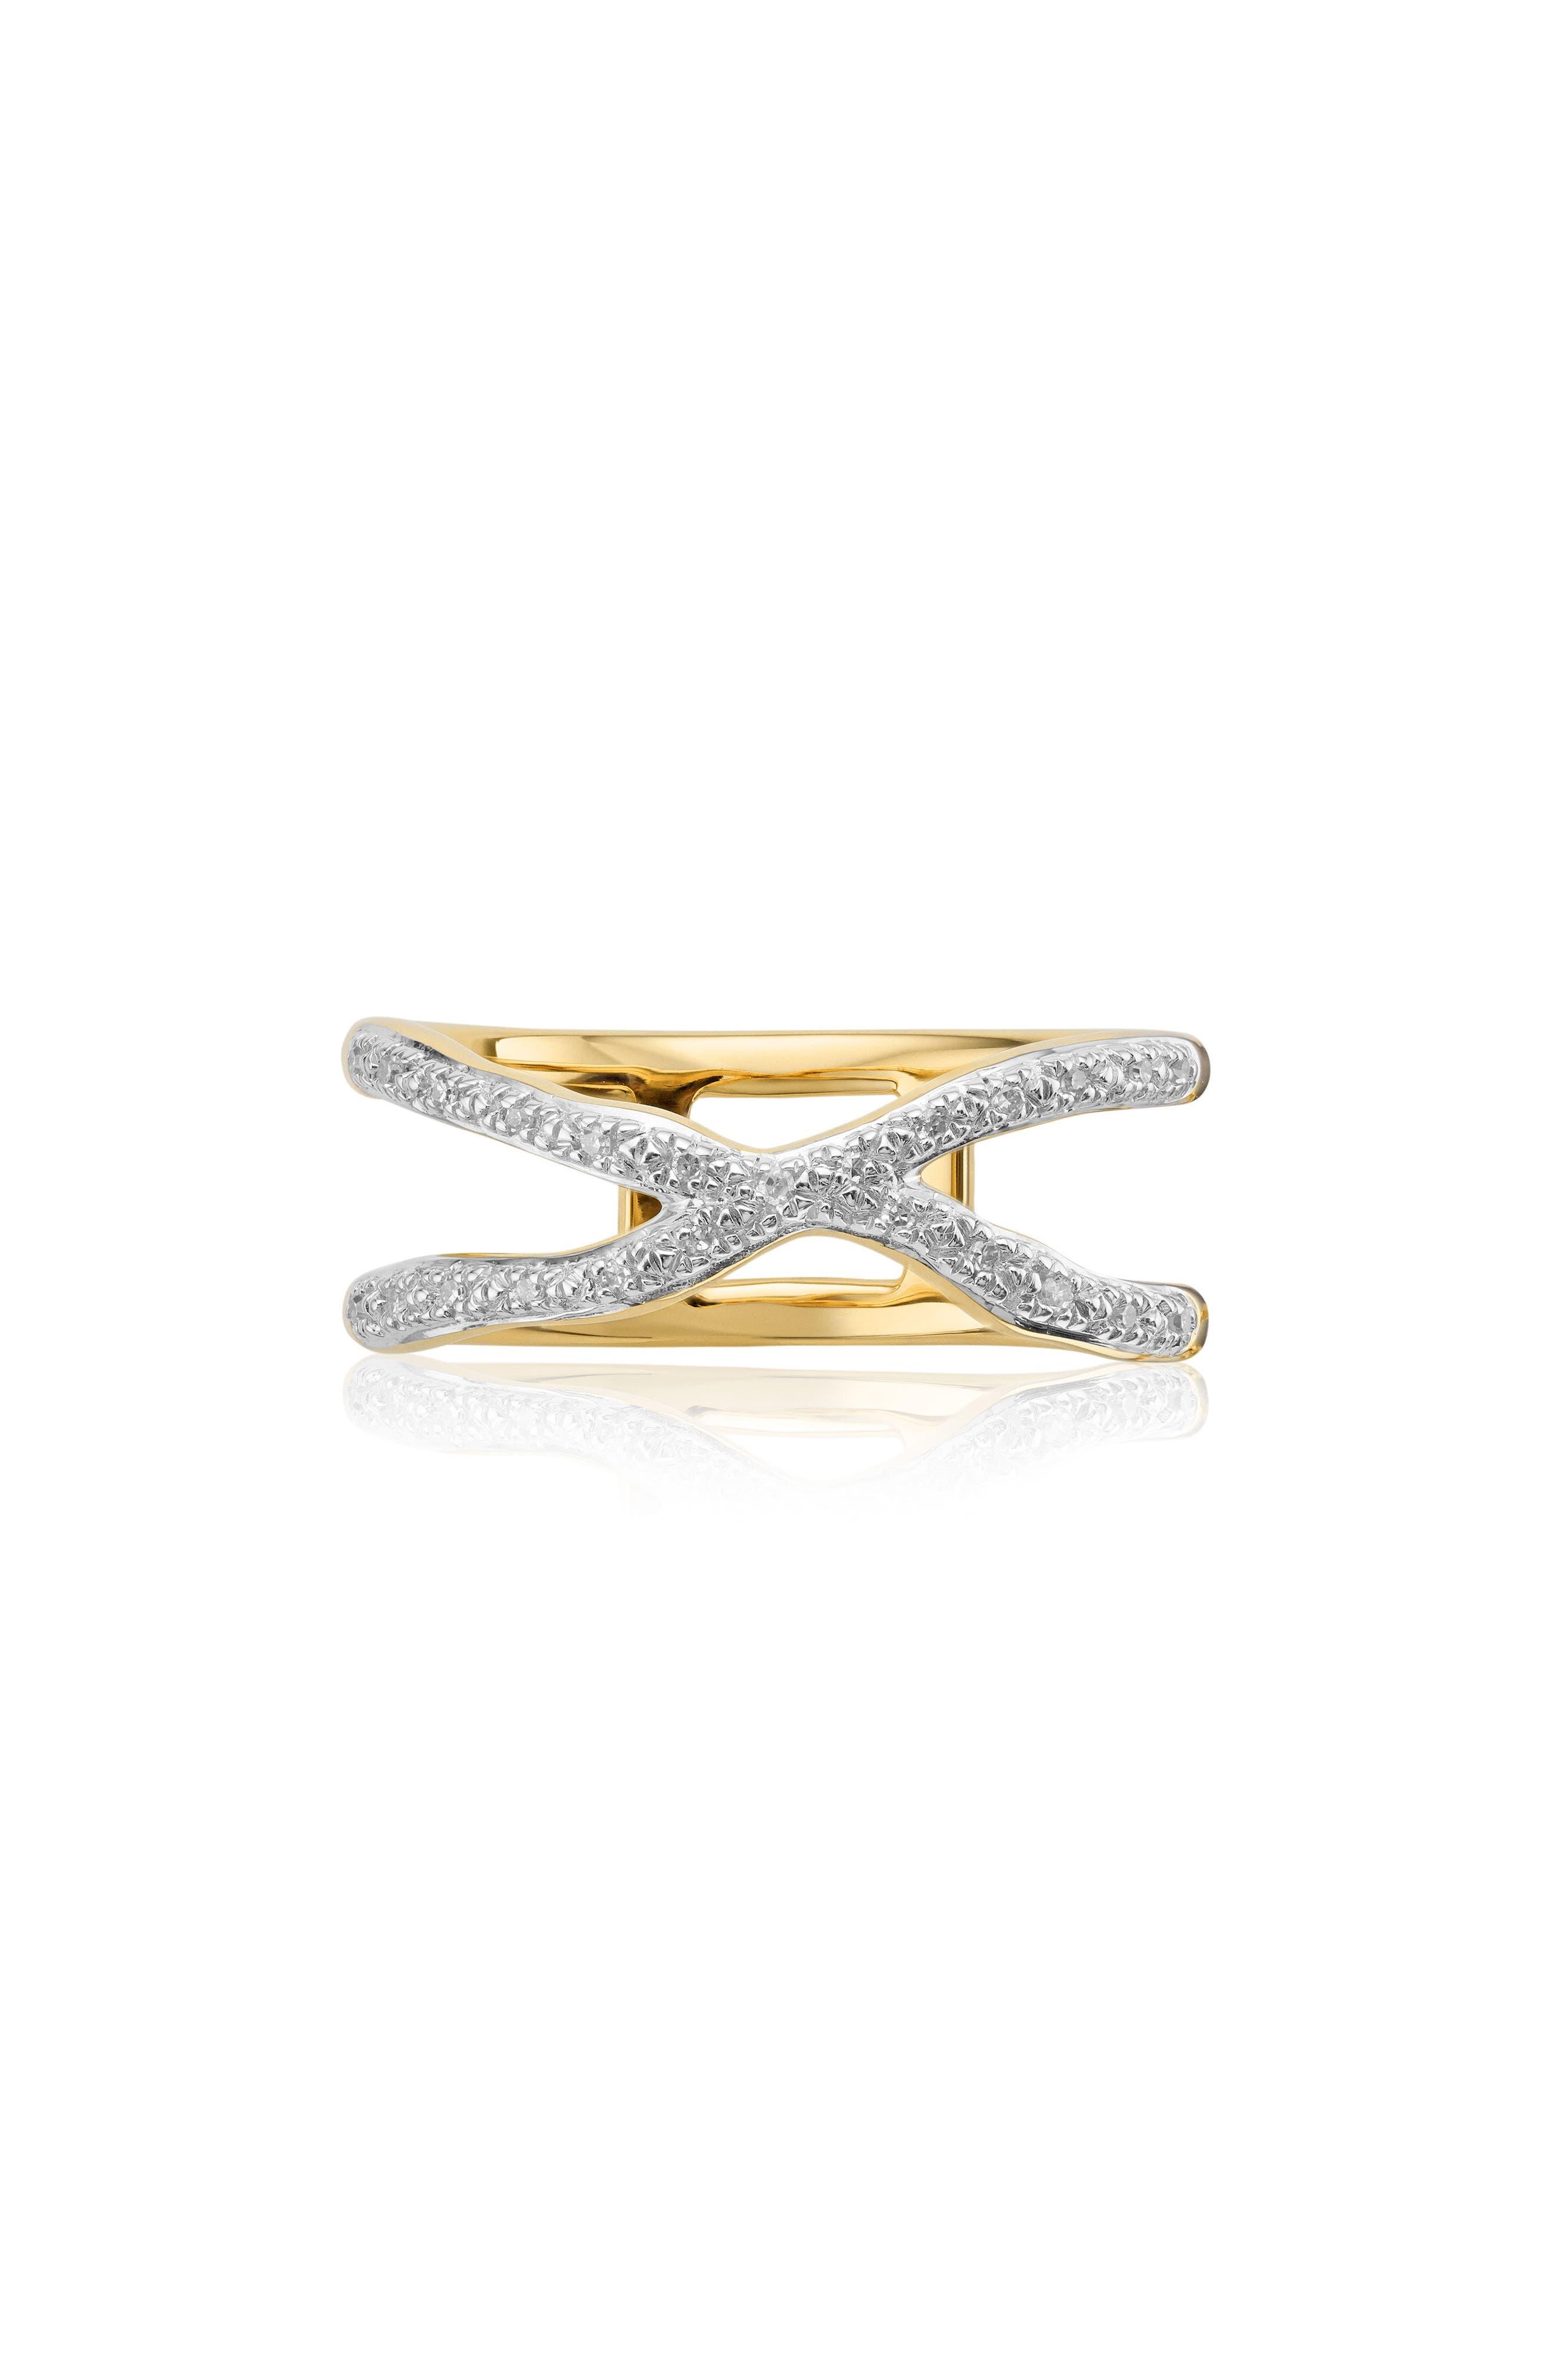 Monica Vinader RIVA DIAMOND RING